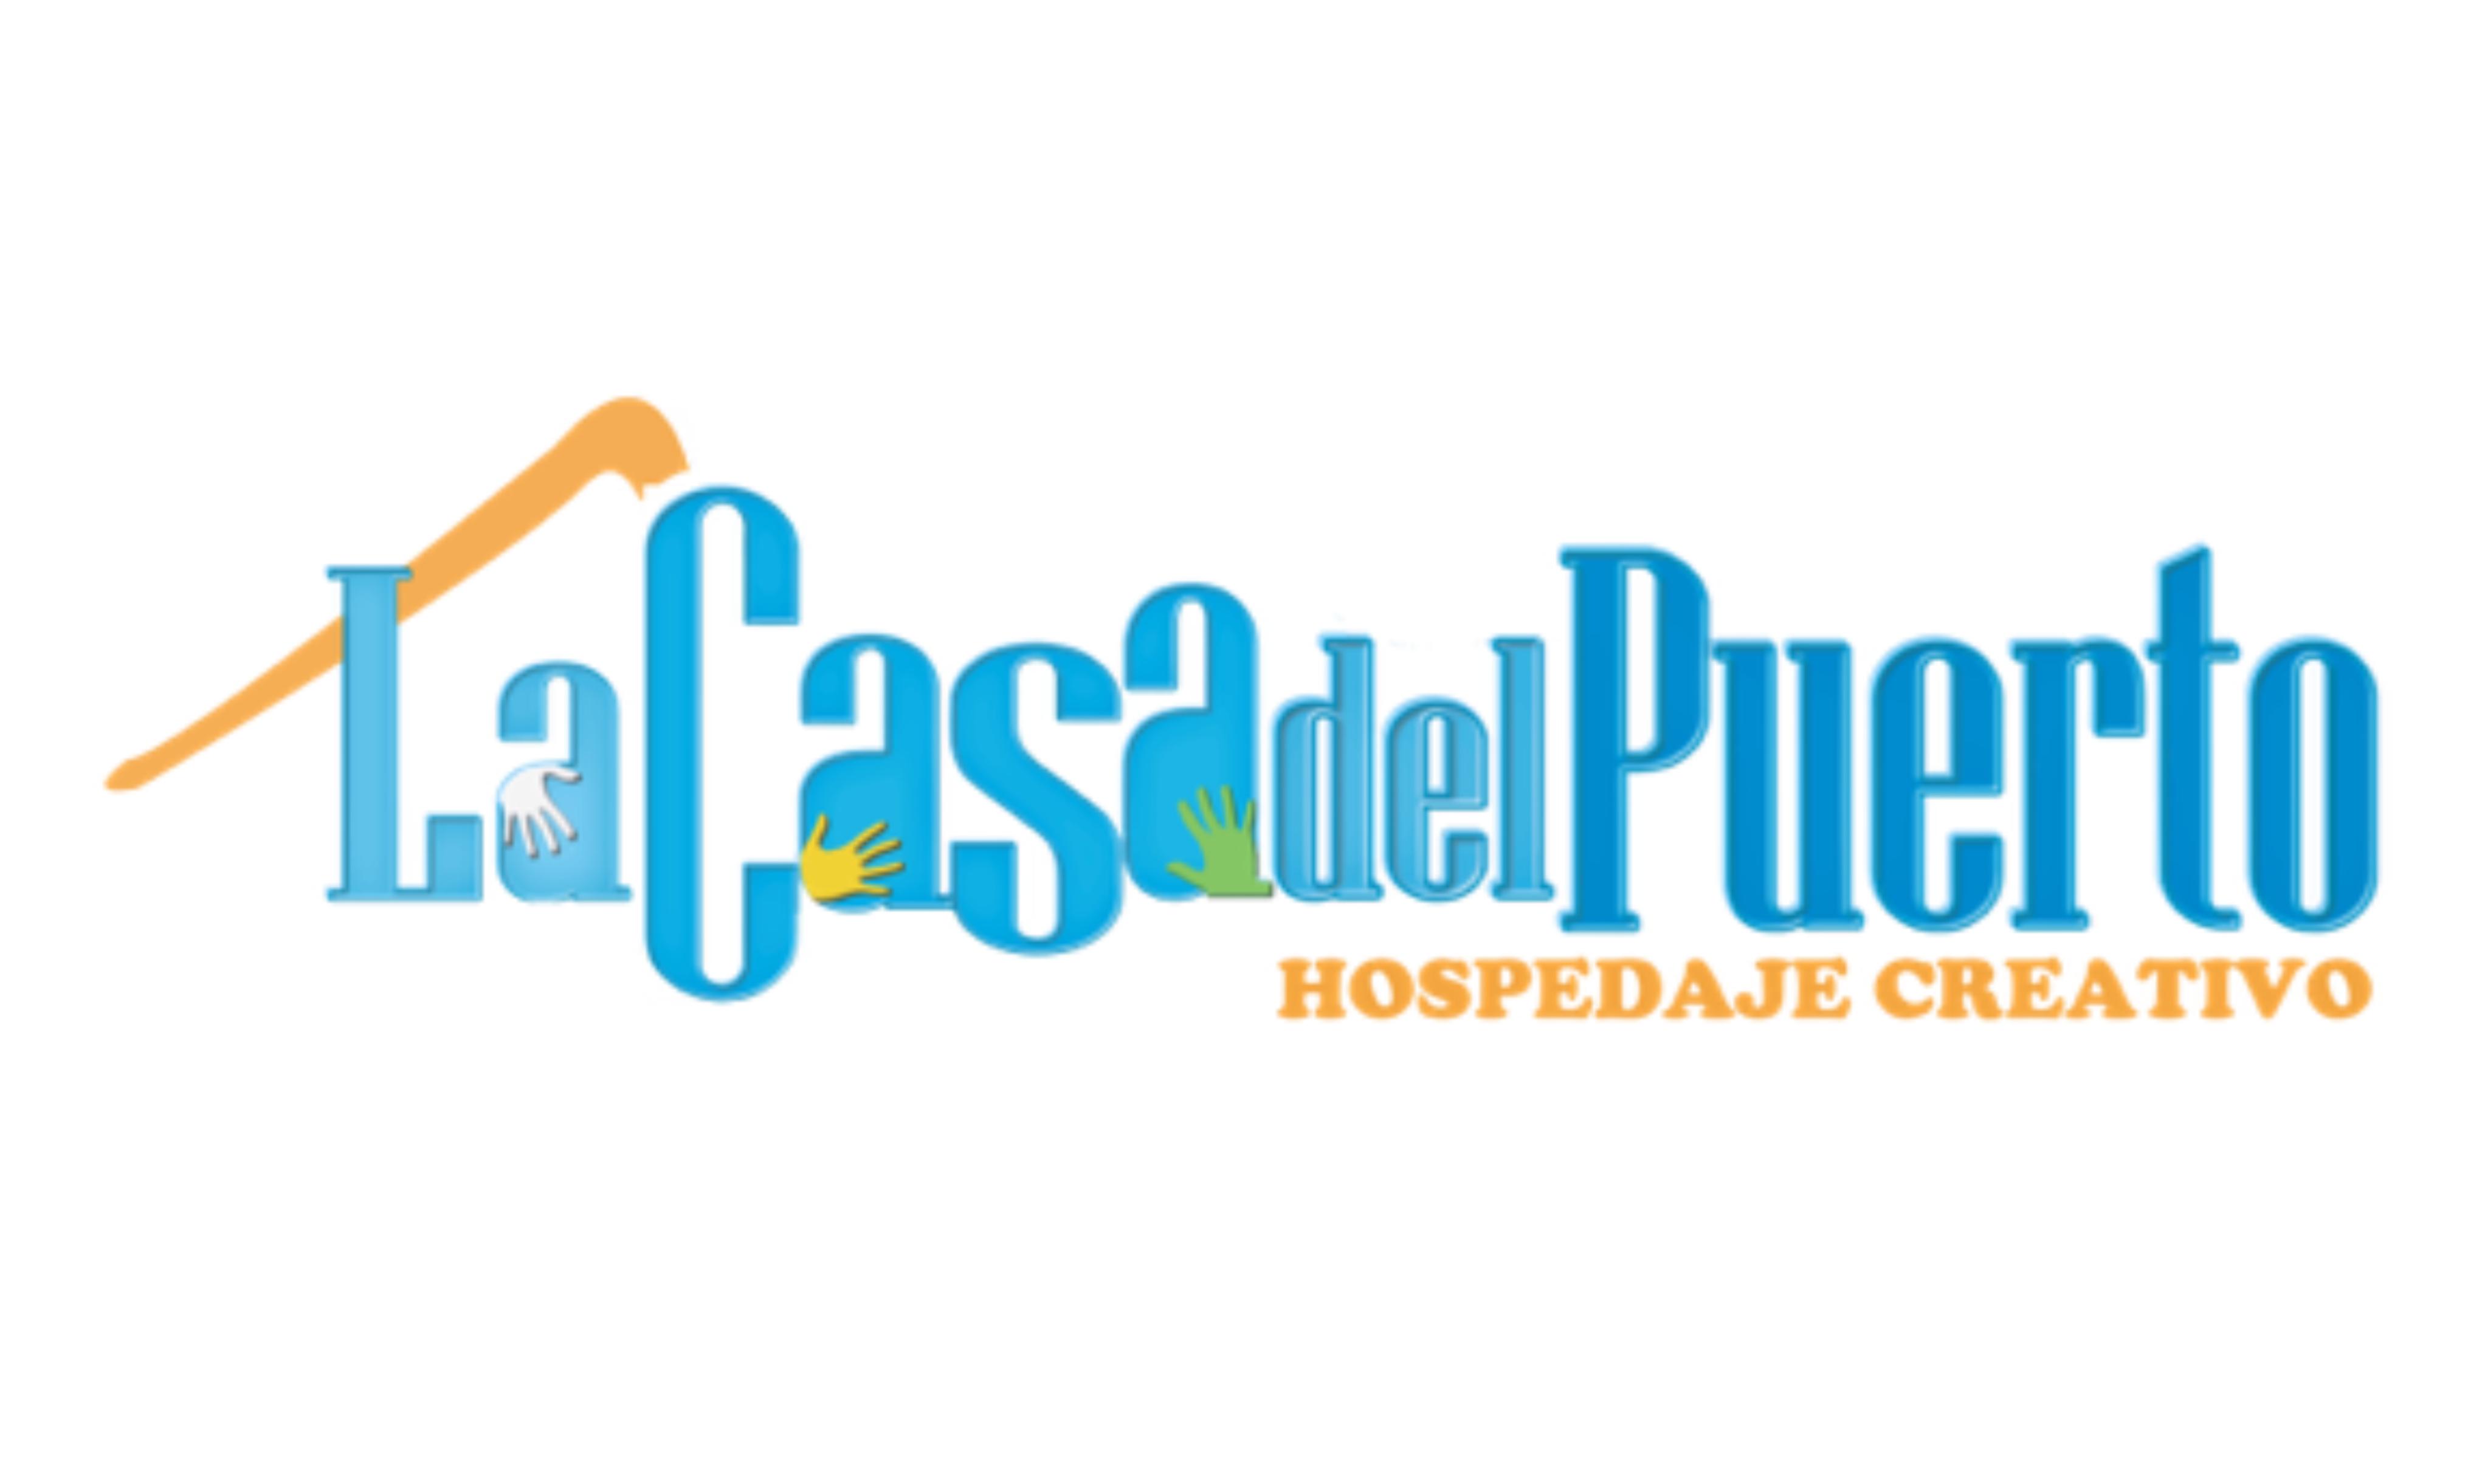 Hostal La Casa Del Puerto